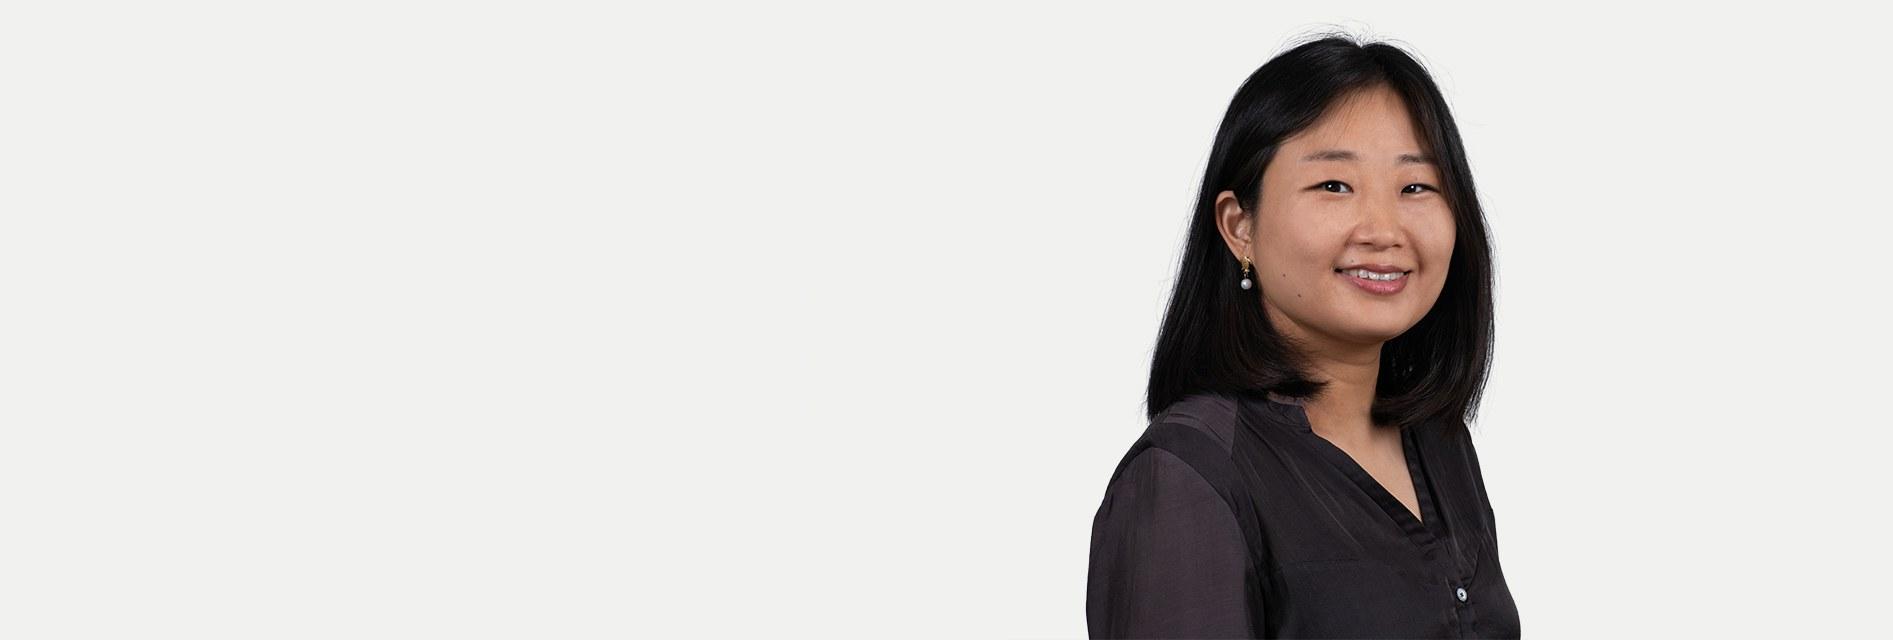 Han-na Lee